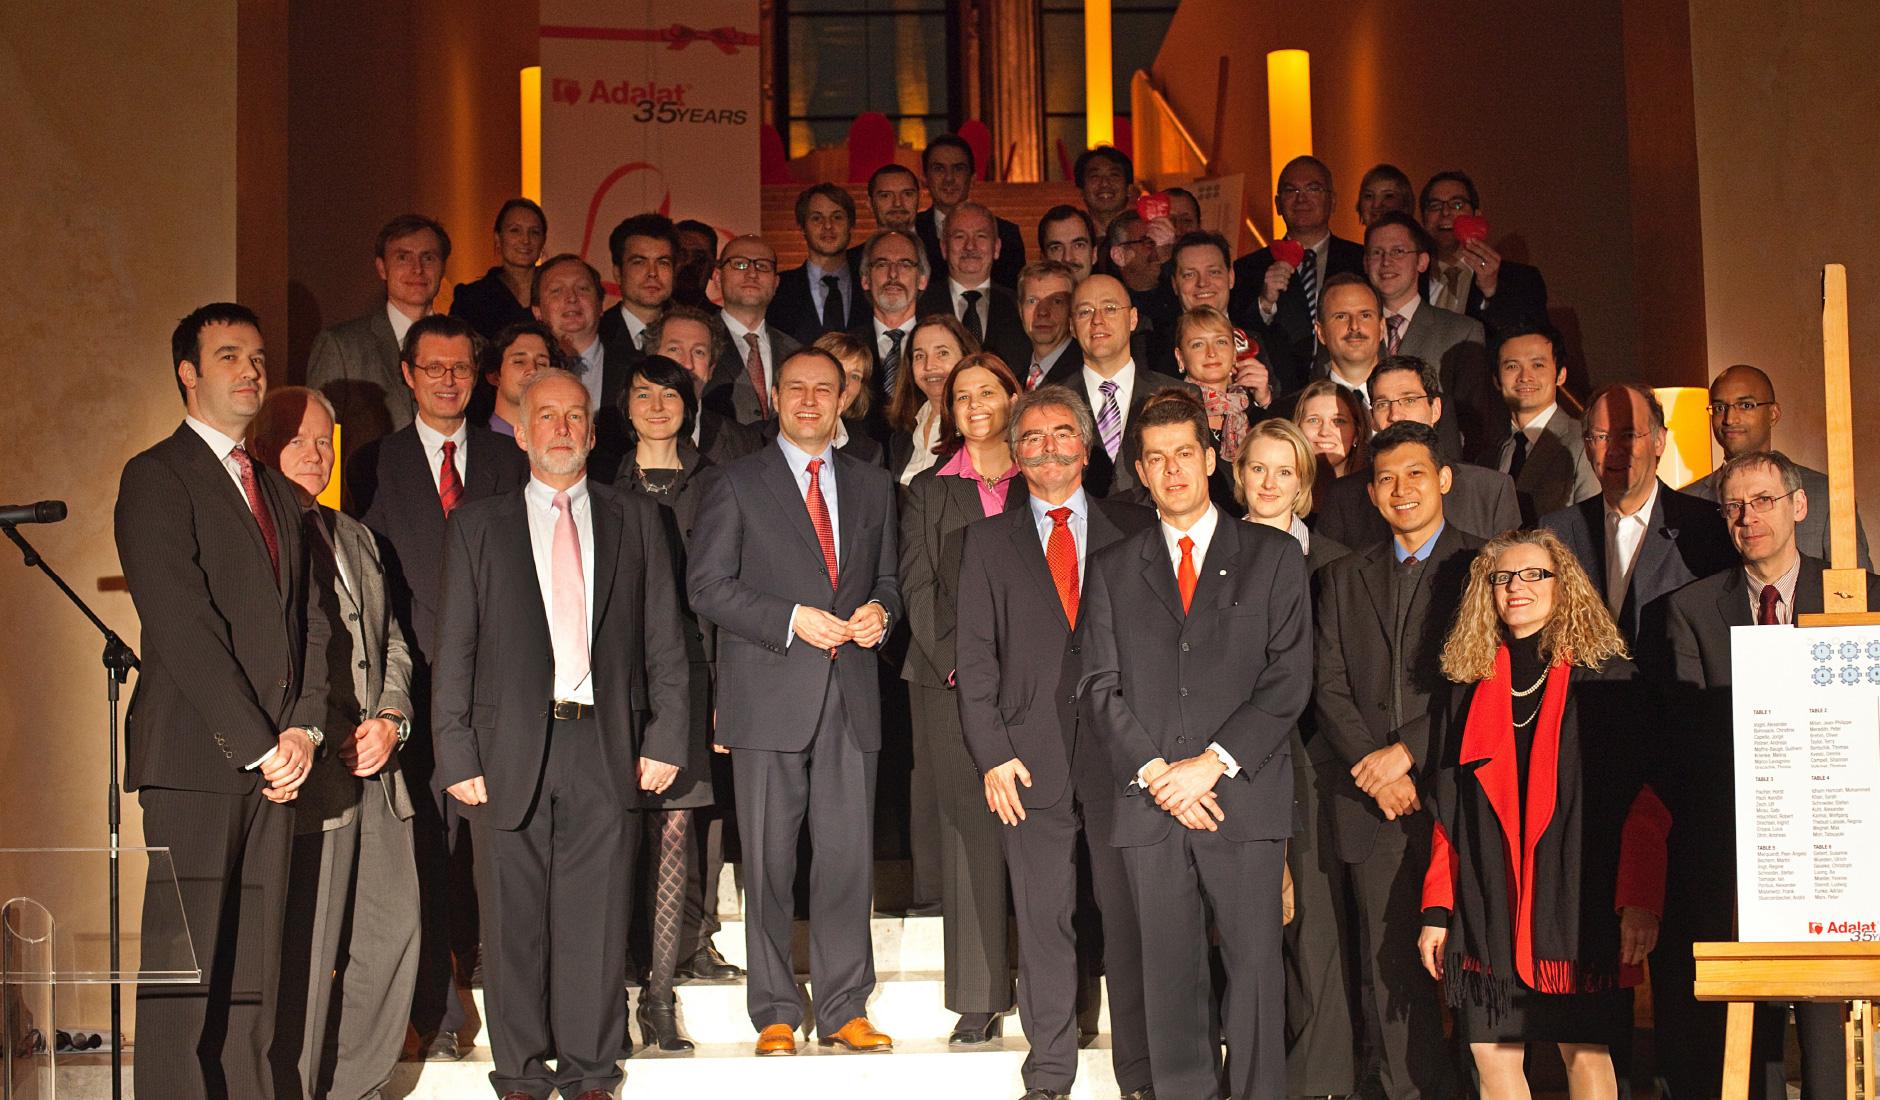 Bayer Pharma AG - 35 Jahre Adalat®